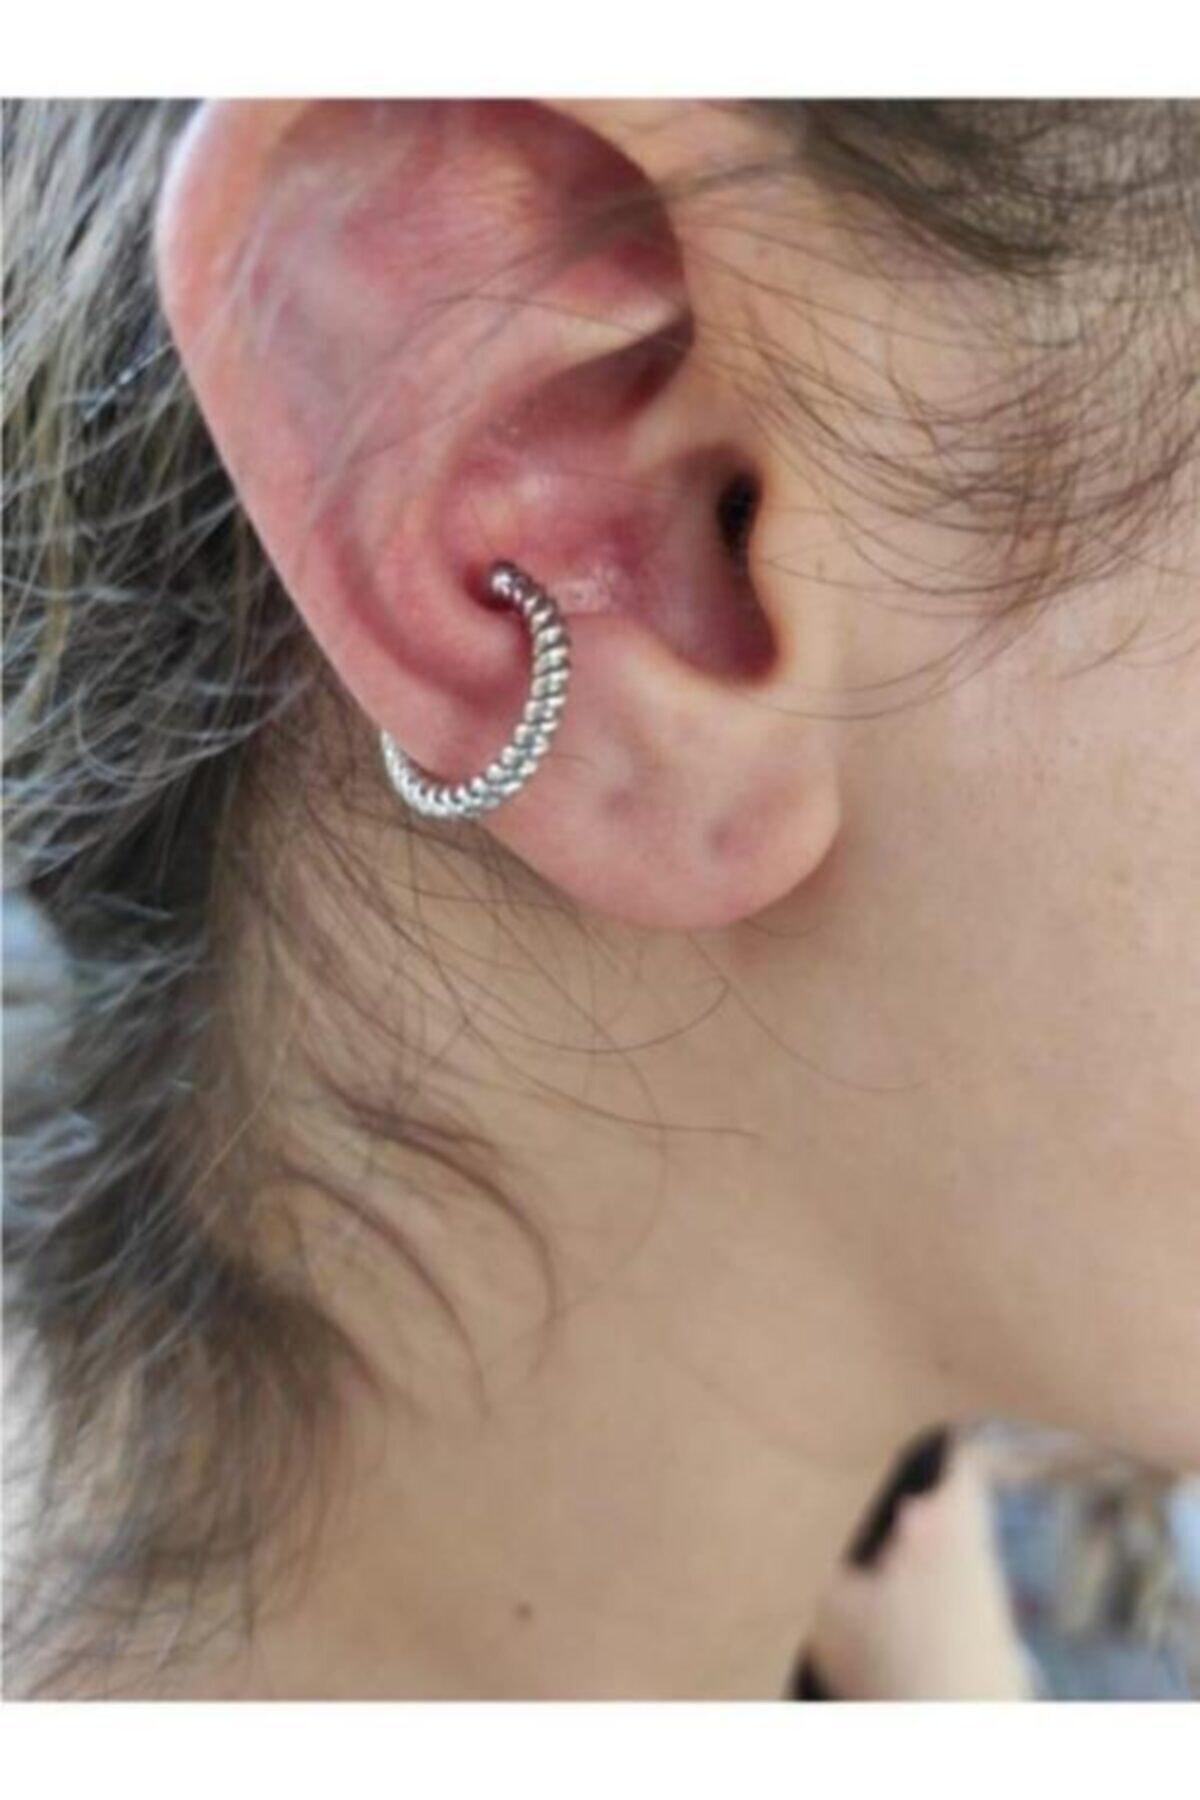 Kadın Gümüş Sıkıştırma Kıkırdak Küpesi Sıkıştırma (earcuff)